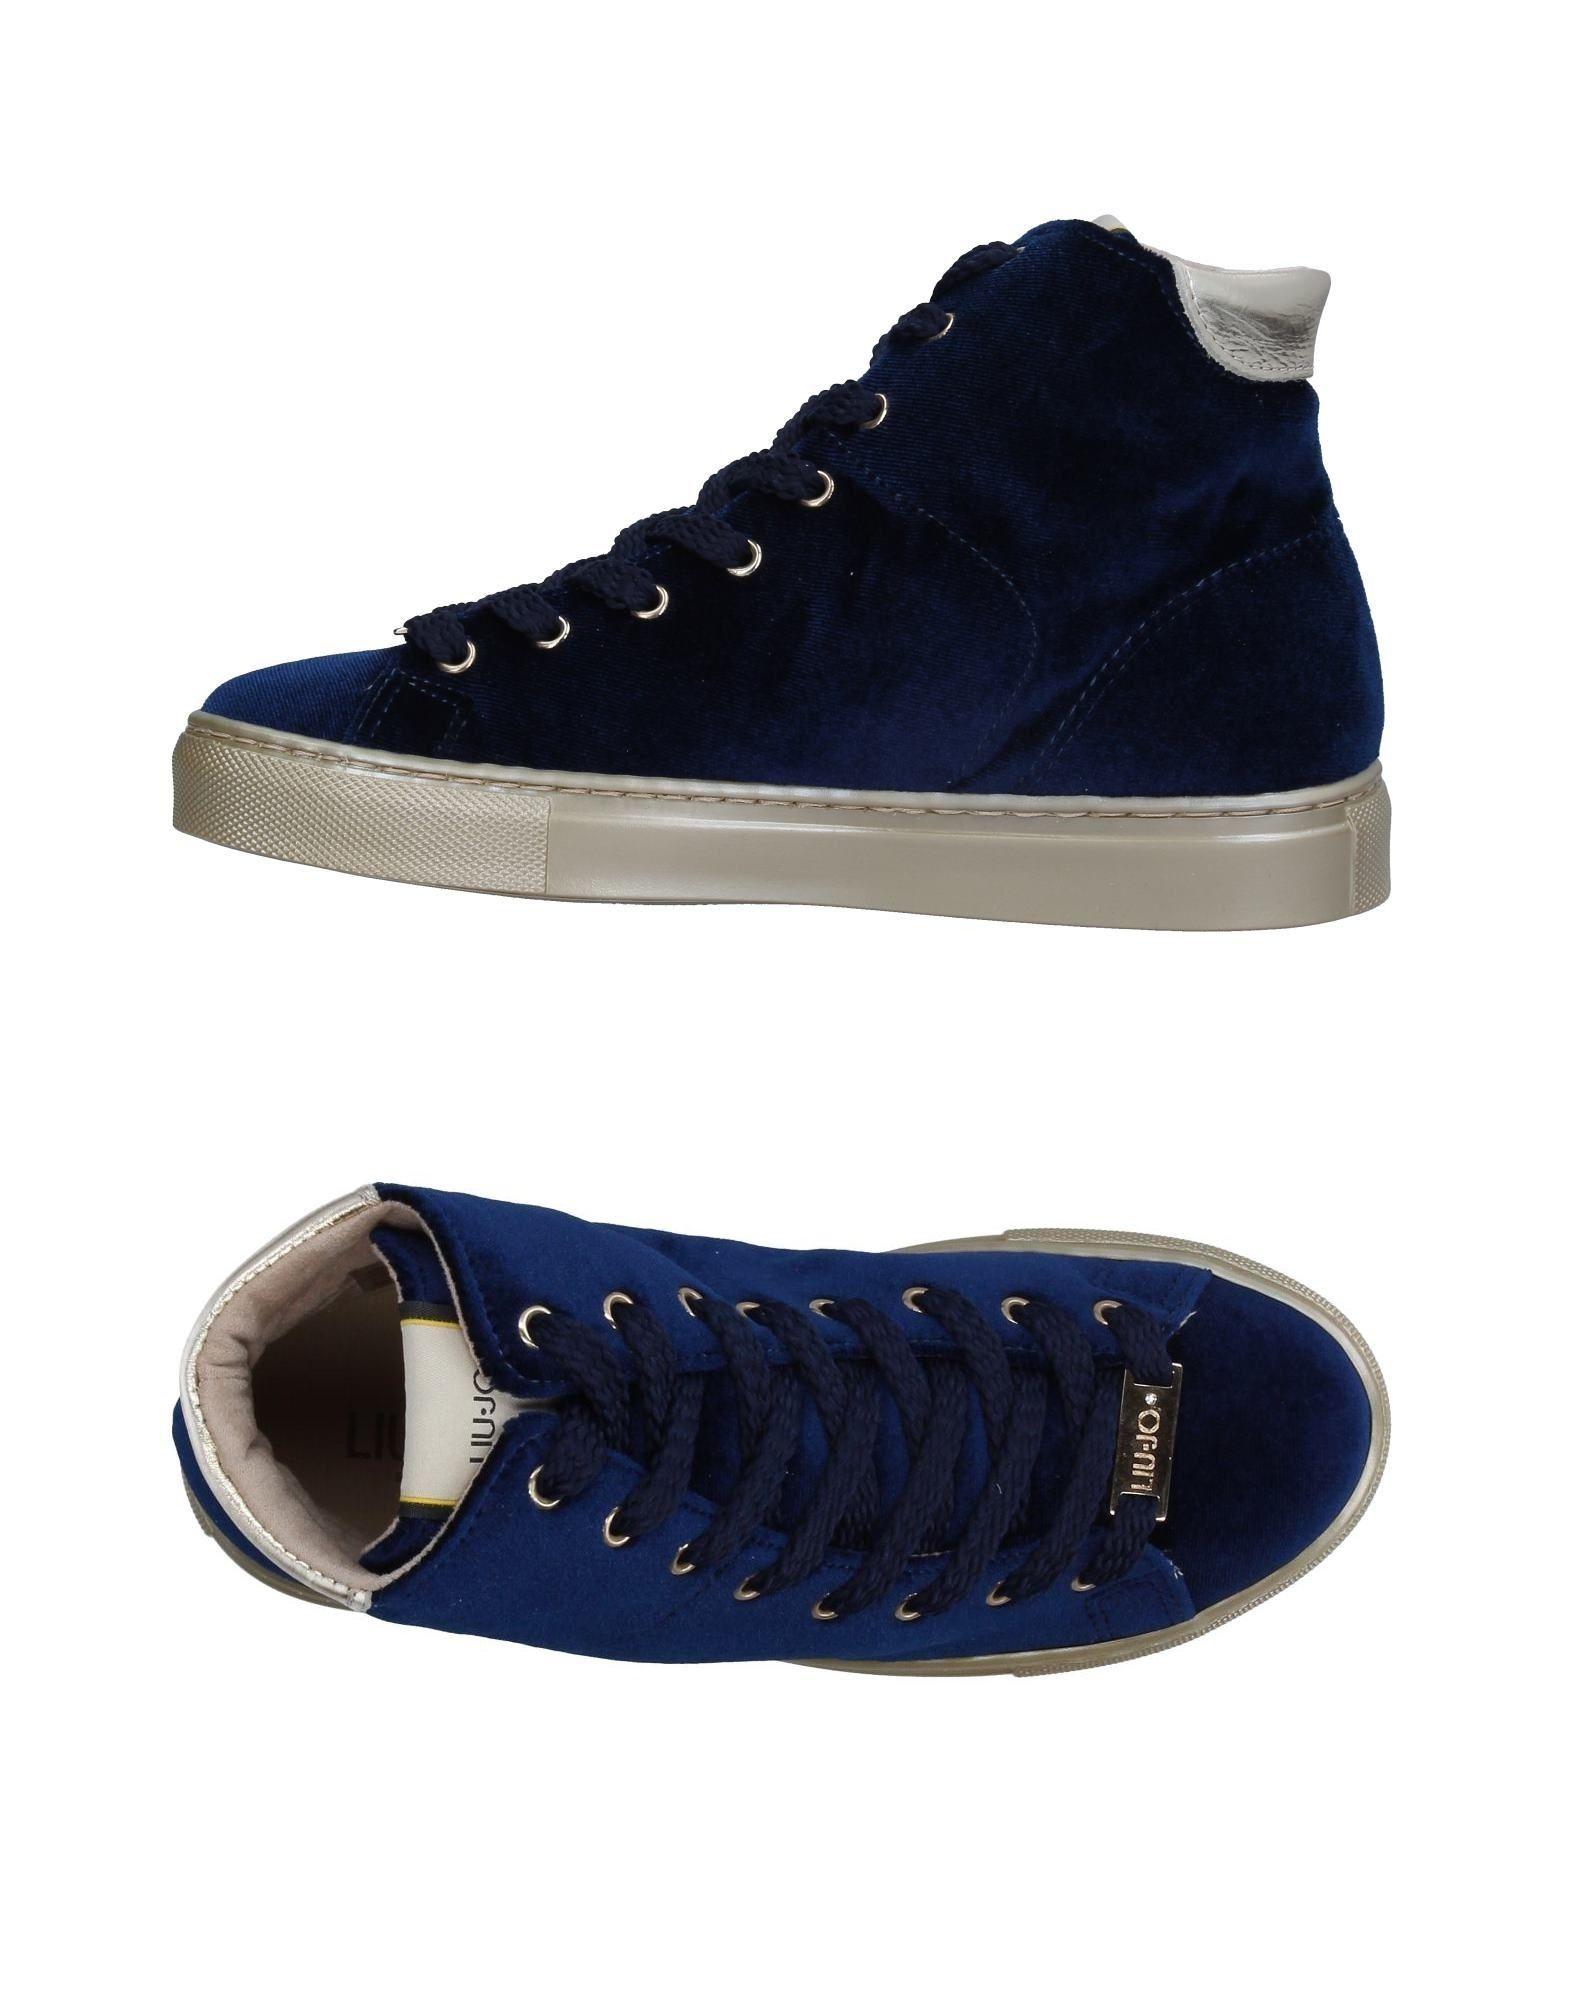 Liu •Jo Shoes Sneakers Damen  11314765AW Gute Qualität beliebte Schuhe